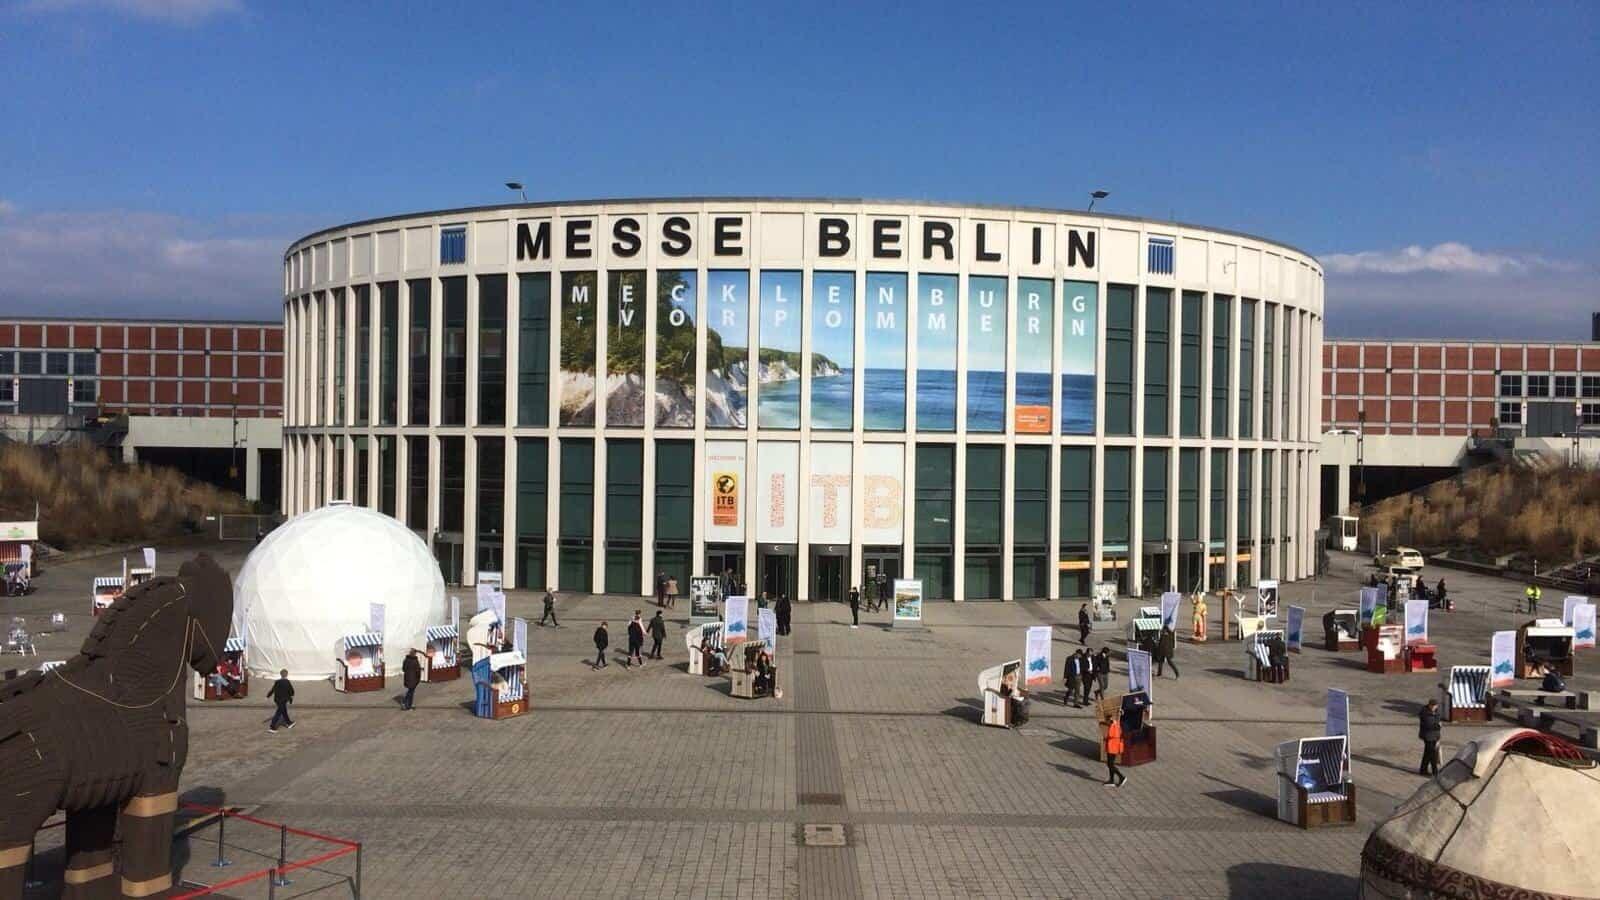 Musée Berlin